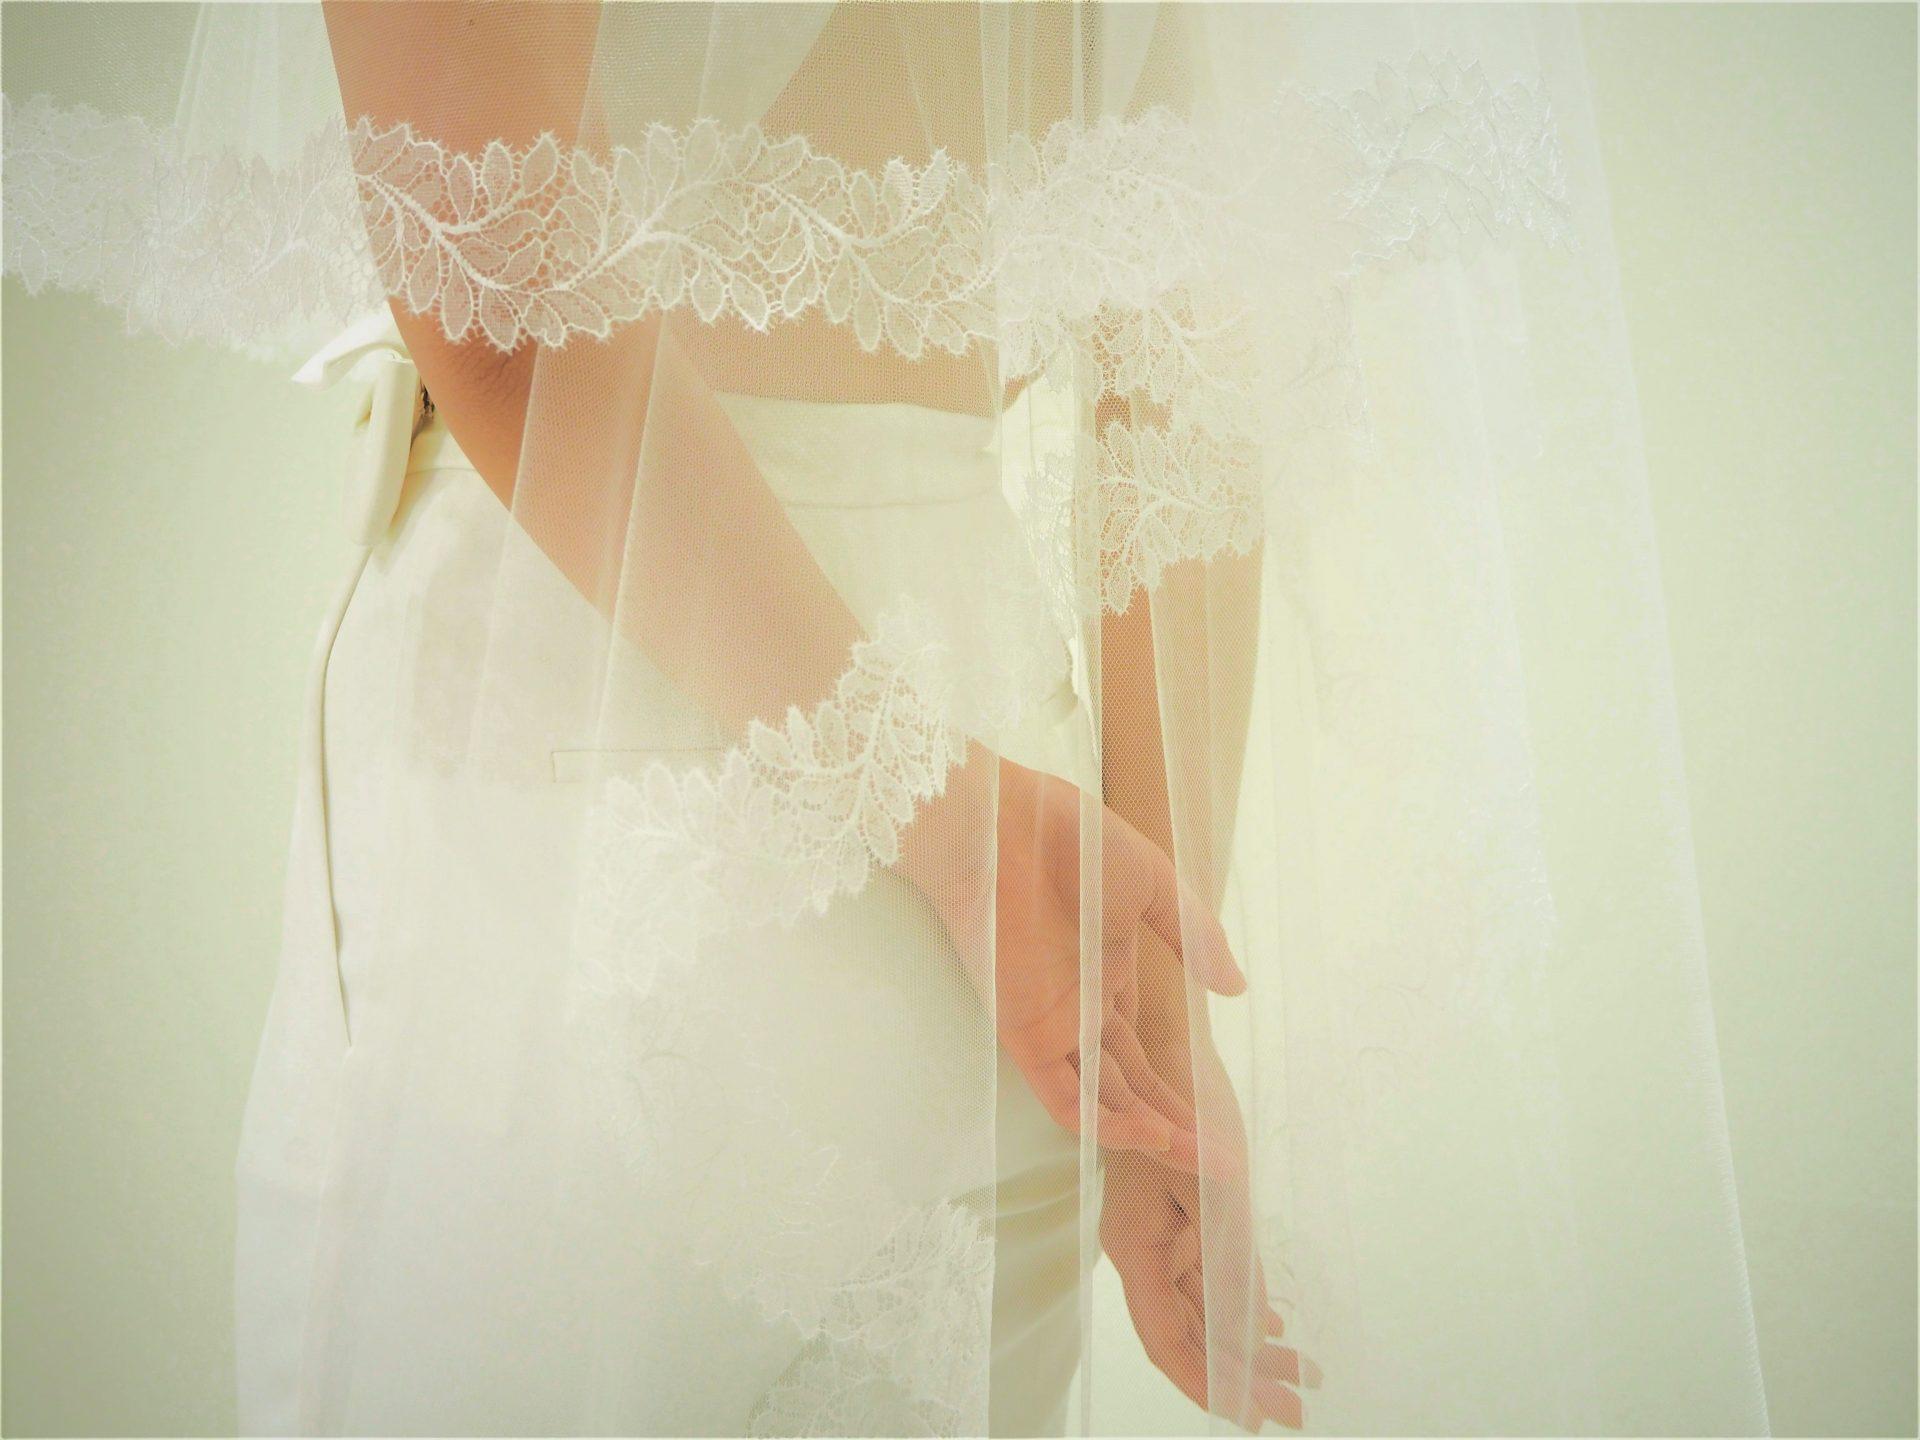 透明感のある繊細なレースベールは、暖かい春の結婚式にオススメのアイテムです